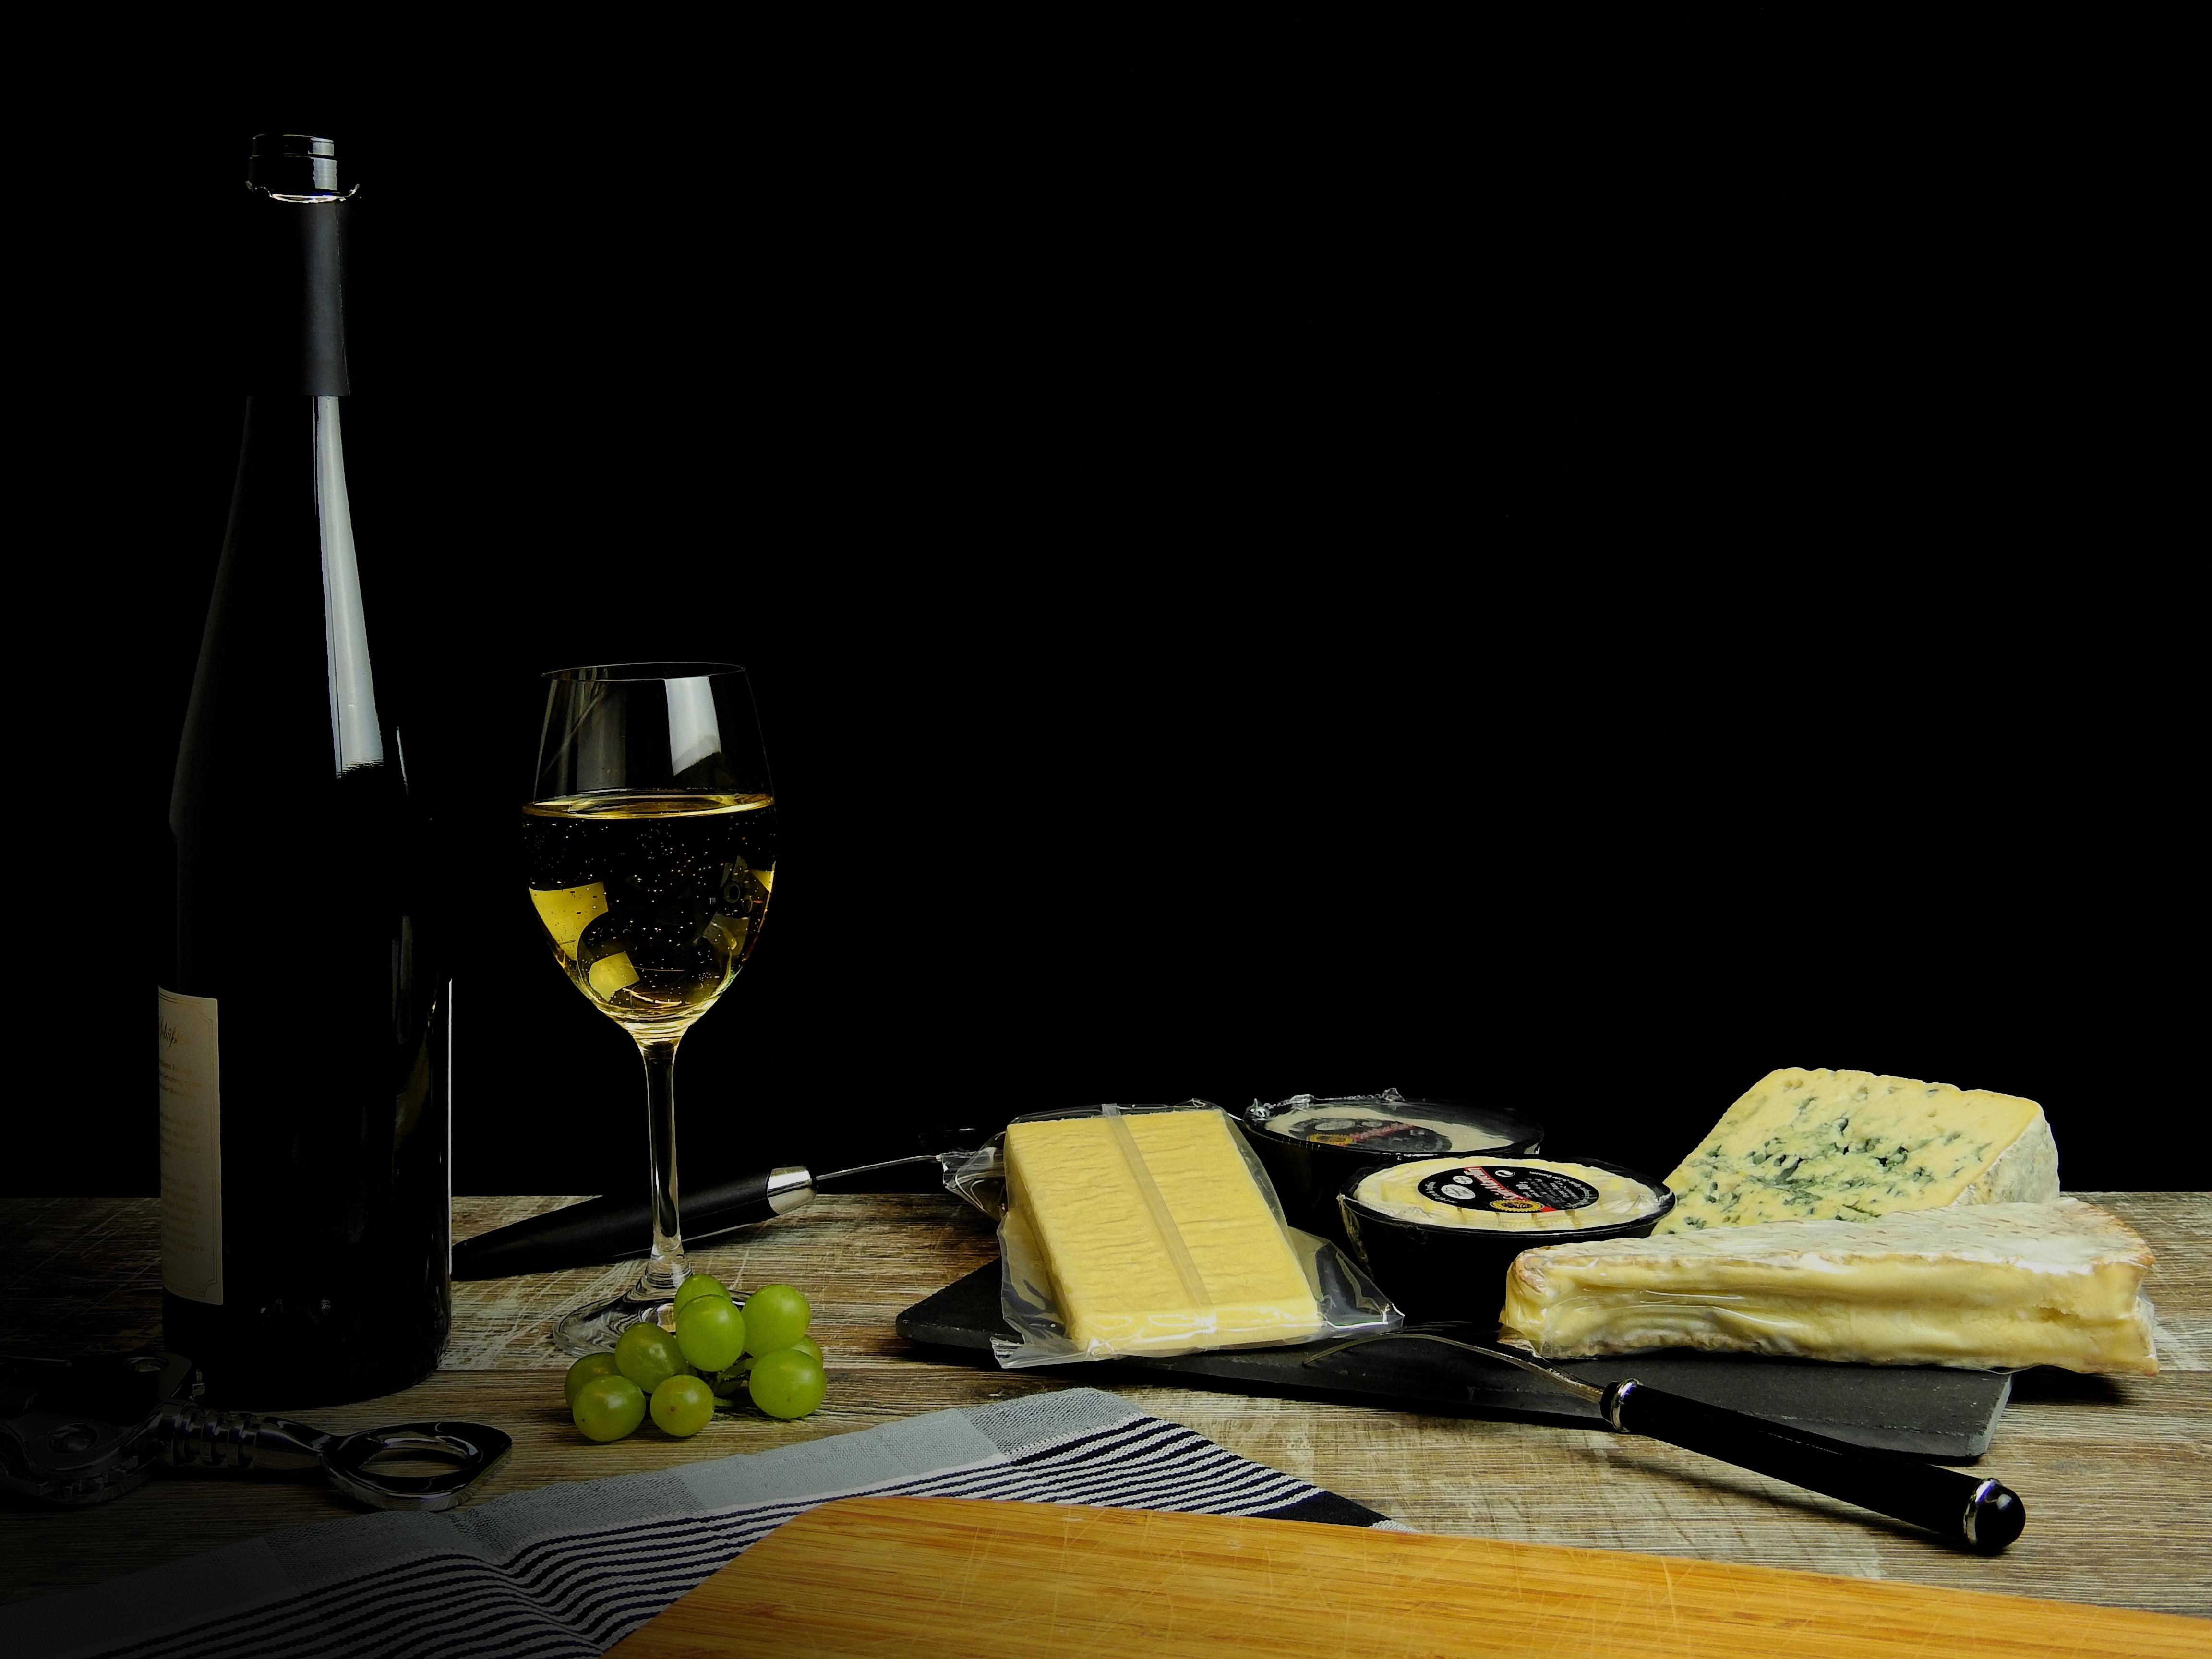 Фото Вино Сыры Виноград Бокалы бутылки Продукты питания на черном фоне Еда Пища бокал Бутылка Черный фон